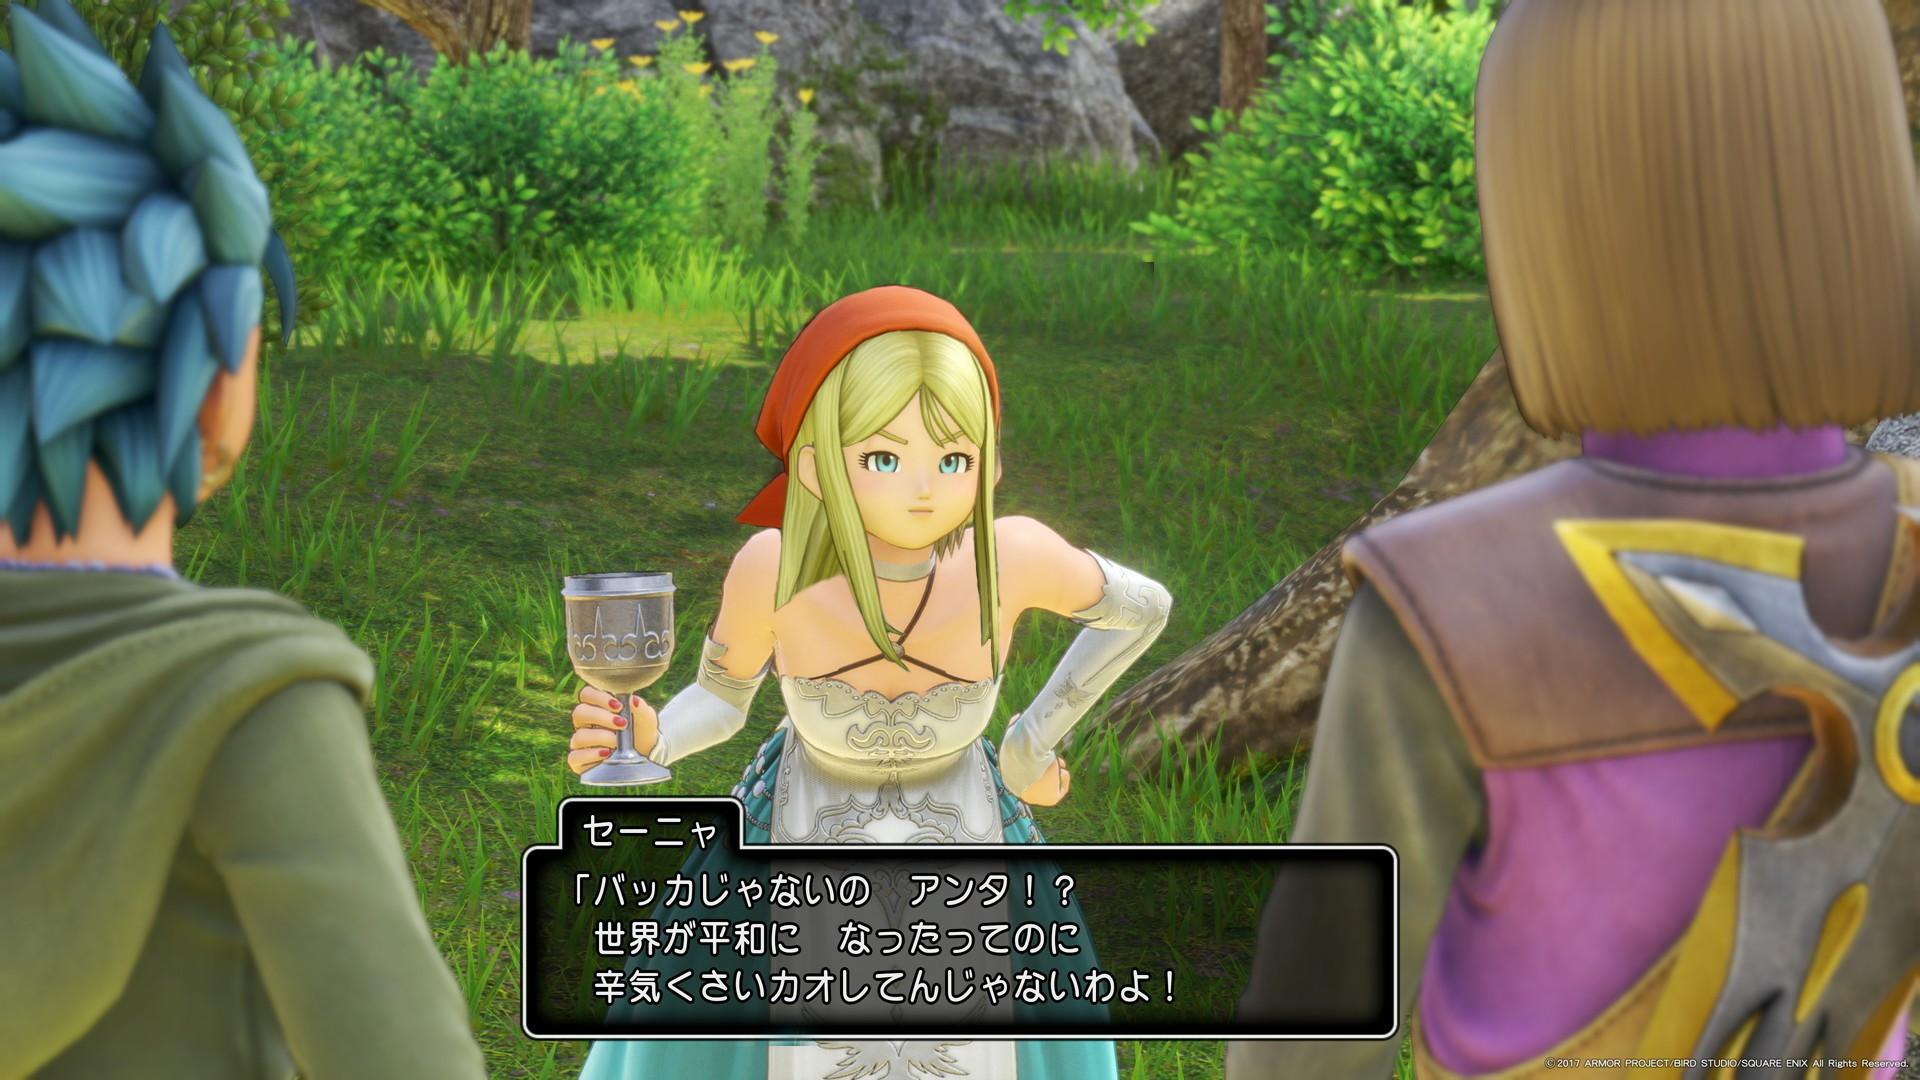 悲報 ドラクエ11のエマさん 酒乱だった 画像 爆newゲーム速報